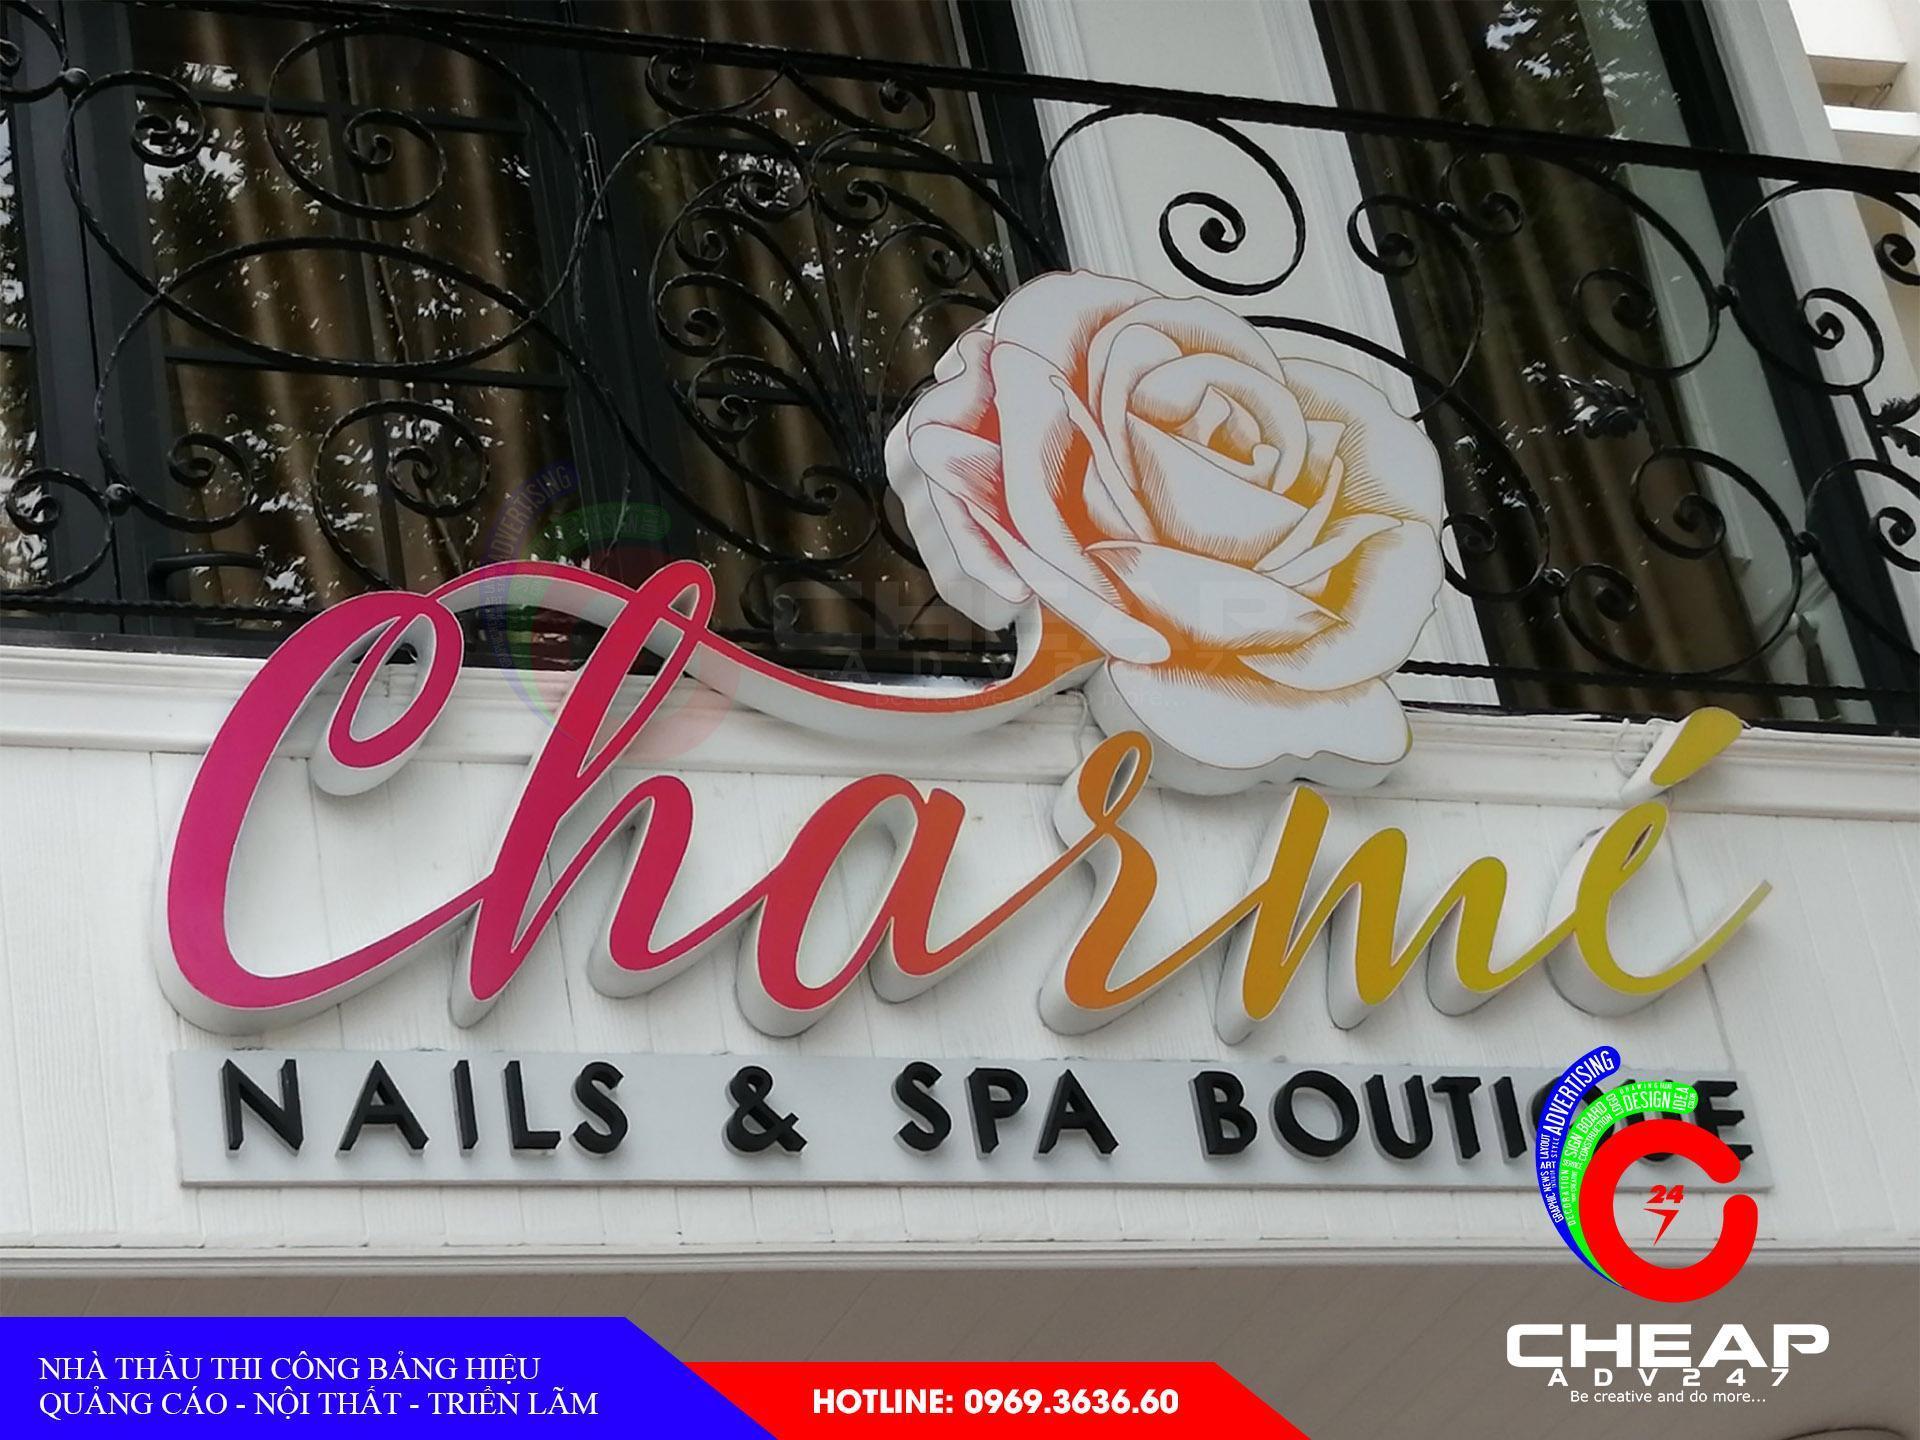 Ảnh làm biển quảng cáo spa tại cheapadv247